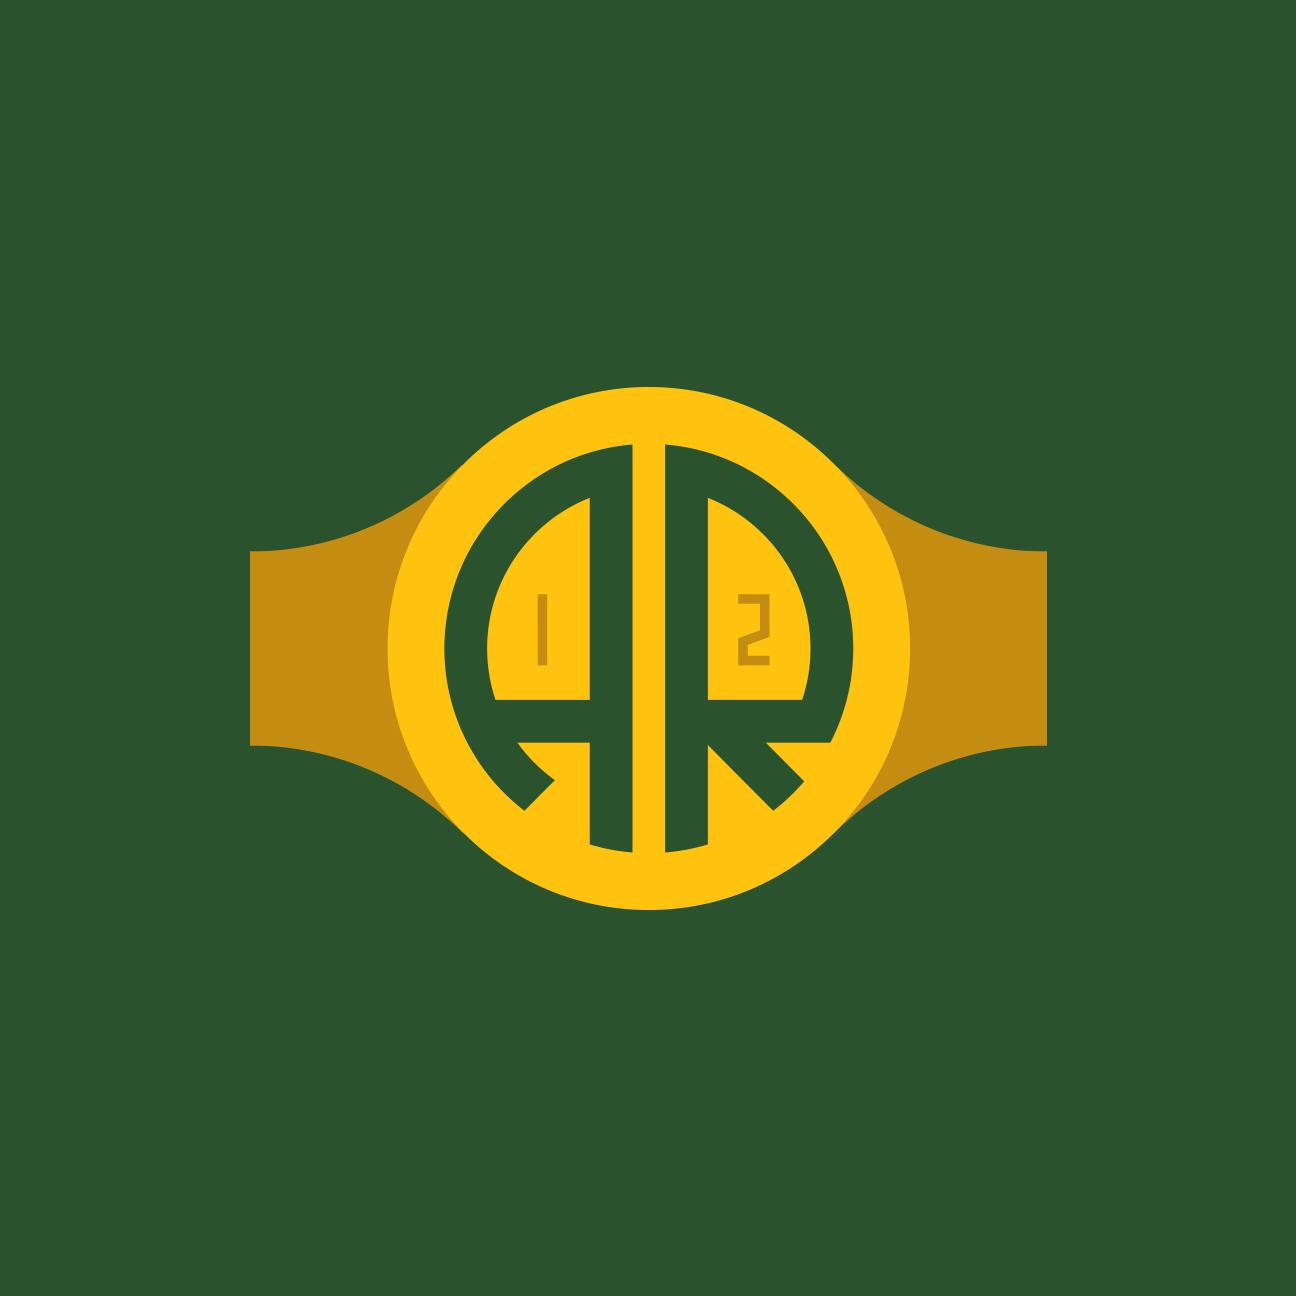 New Logos For 10 Nfl Stars Tom Brady Rob Gronkowski Of New